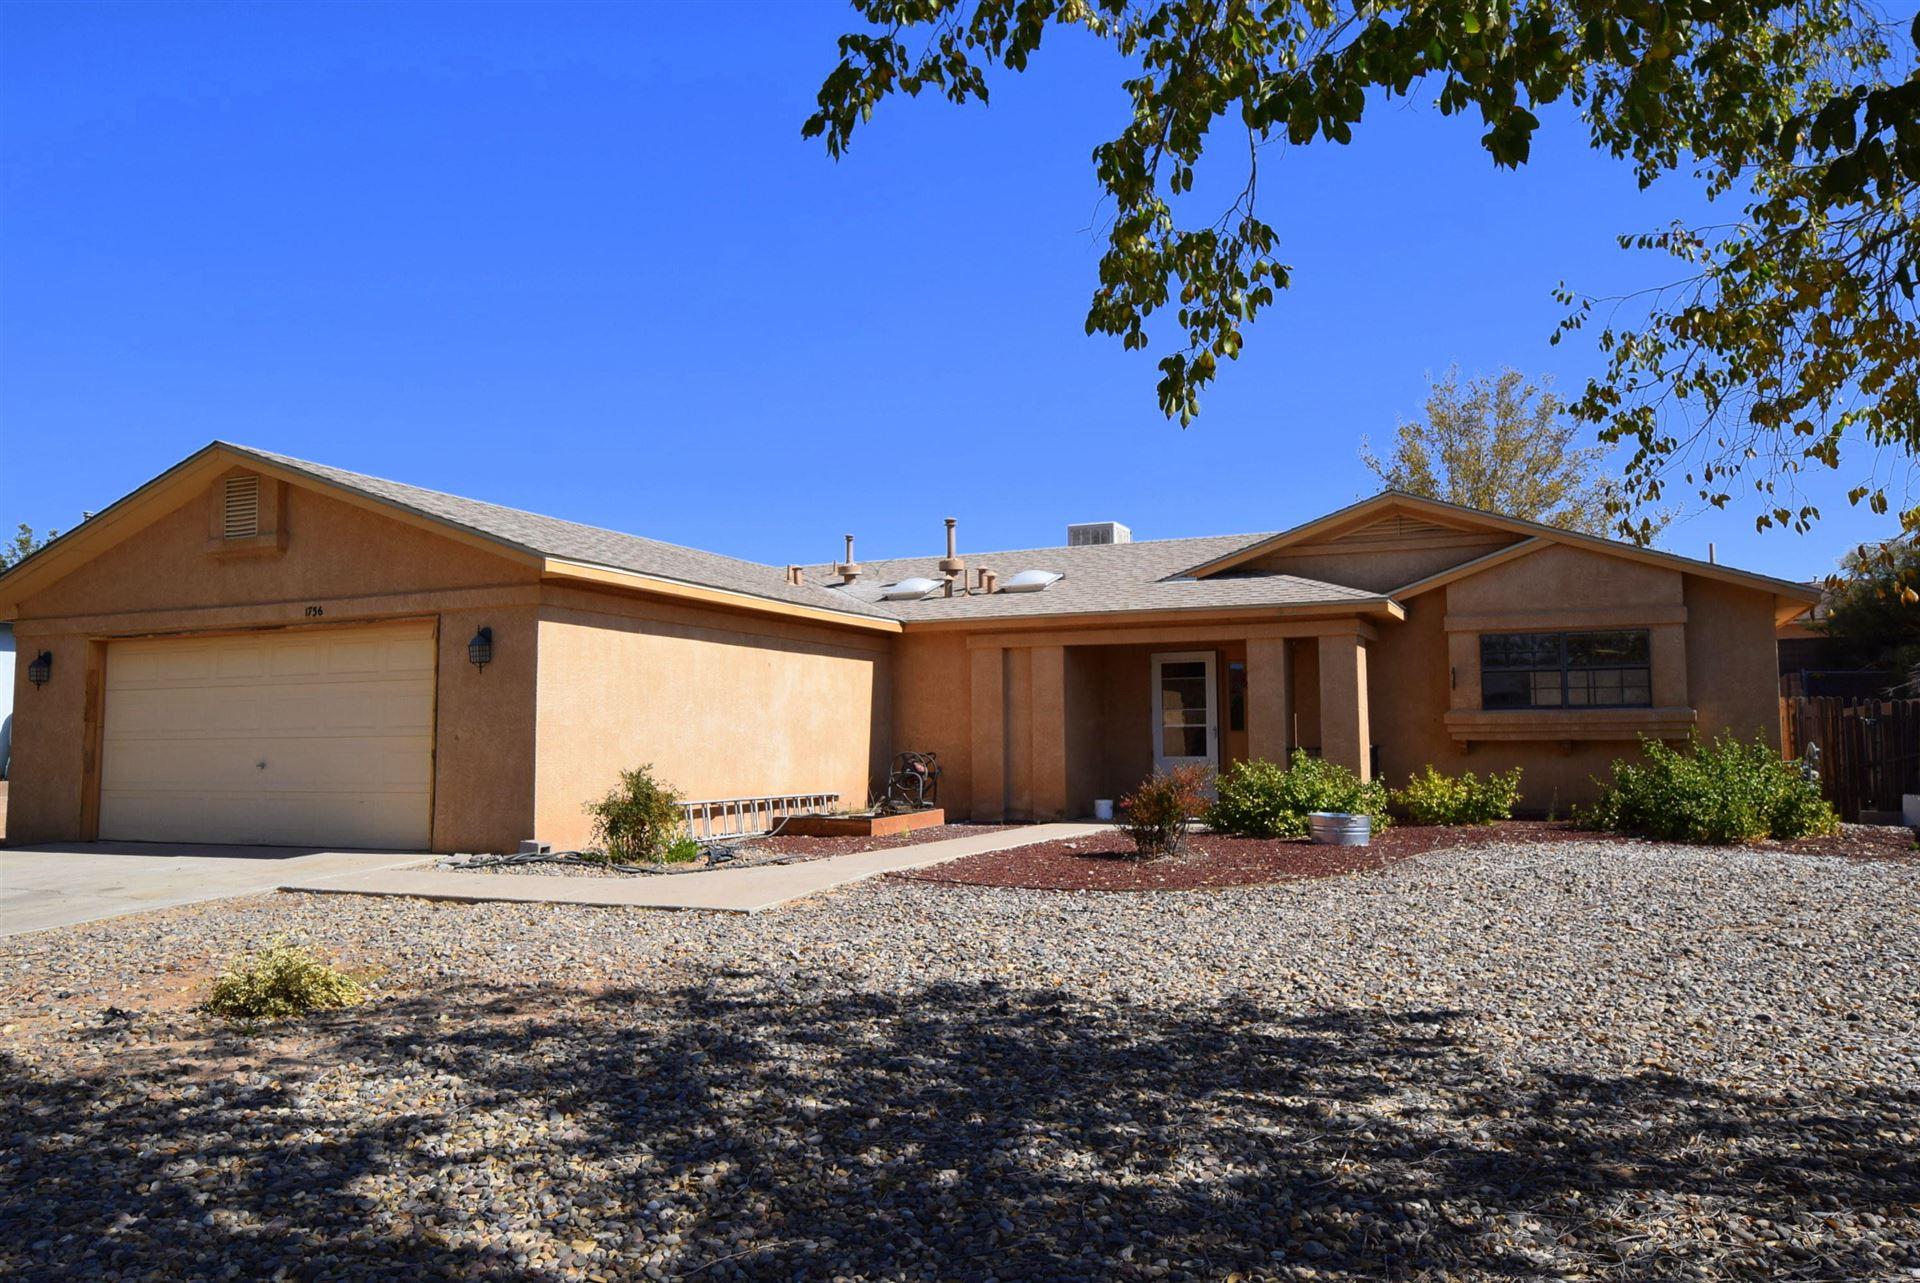 Photo of 1736 POWDER RIVER Drive NE, Rio Rancho, NM 87144 (MLS # 979594)